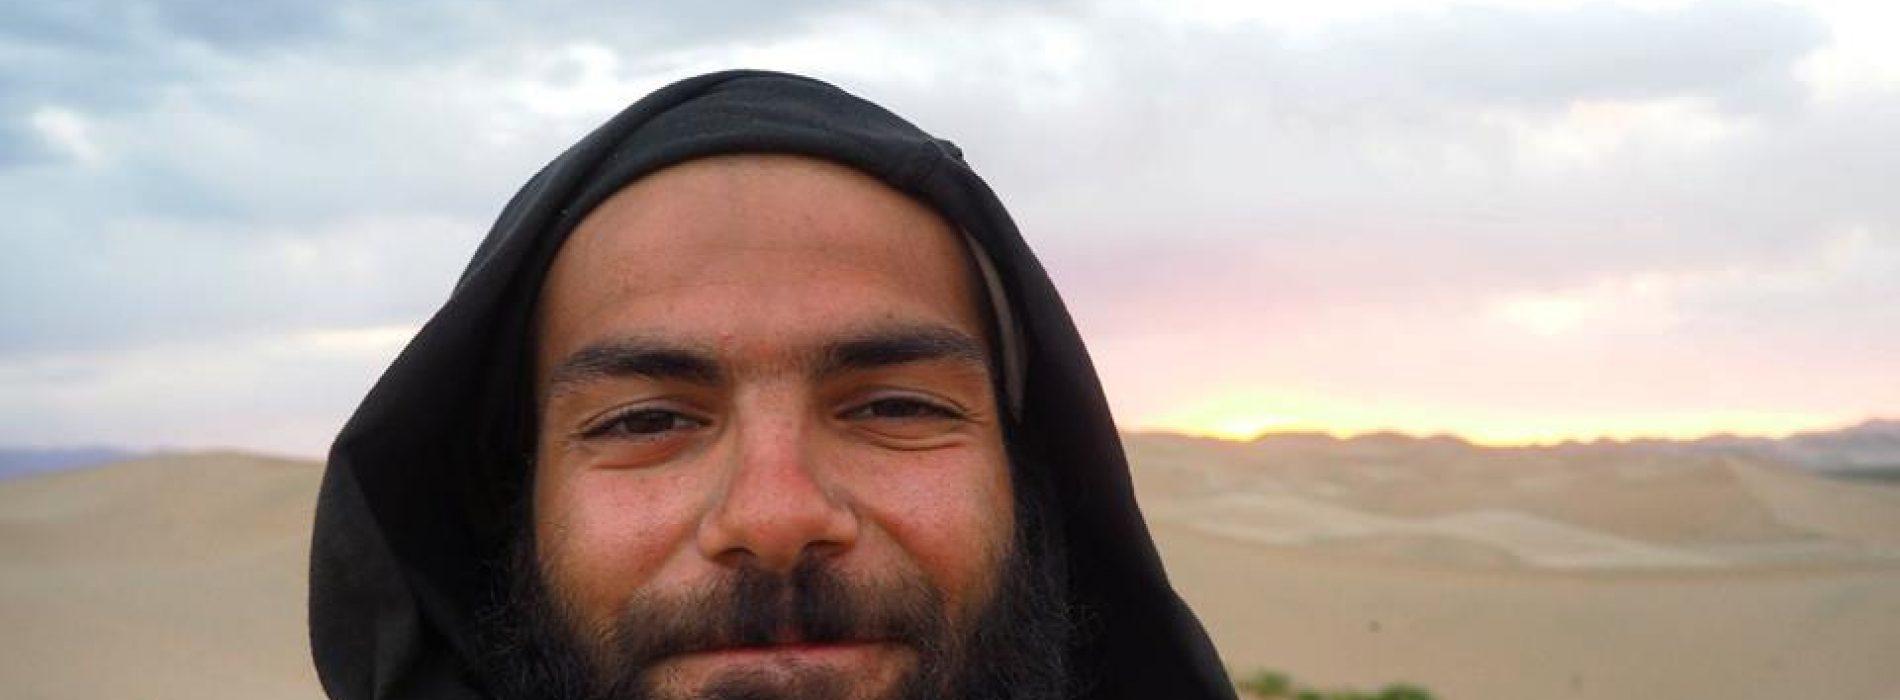 Merhaba Ben Mert; Gobi Çölünü Yürüyerek Geçtim